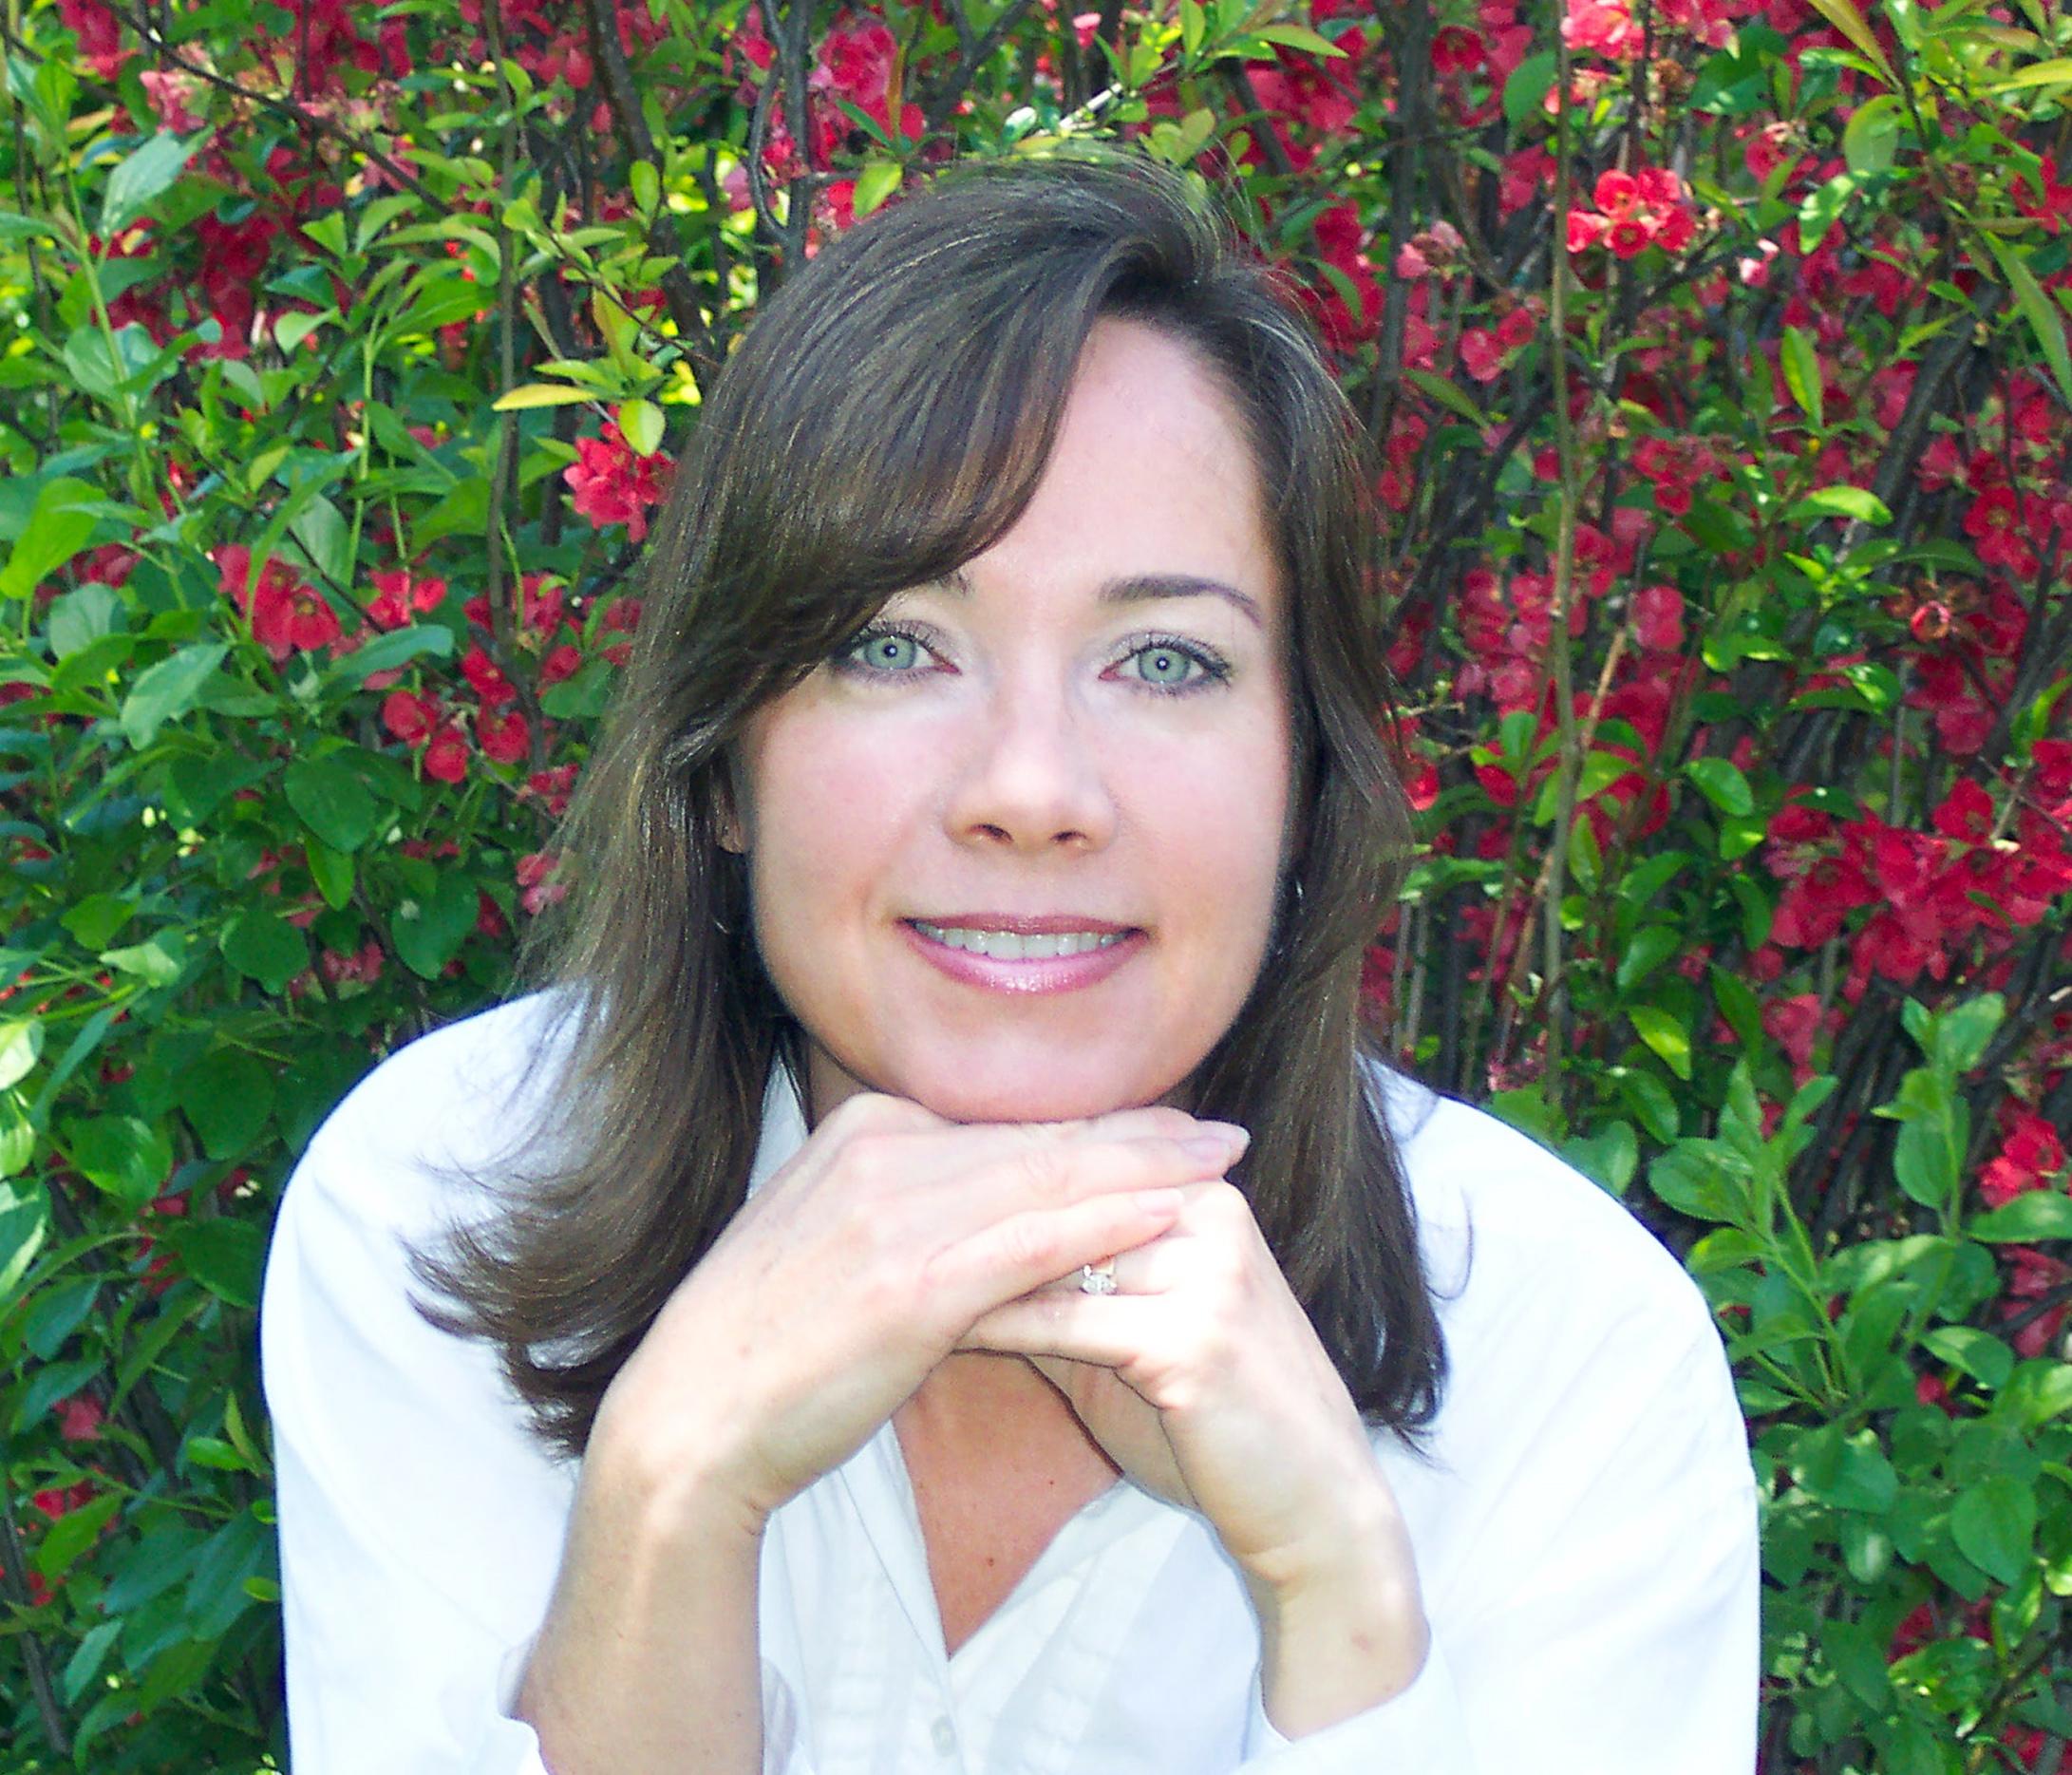 Suzanne Slade photo - 300dpi